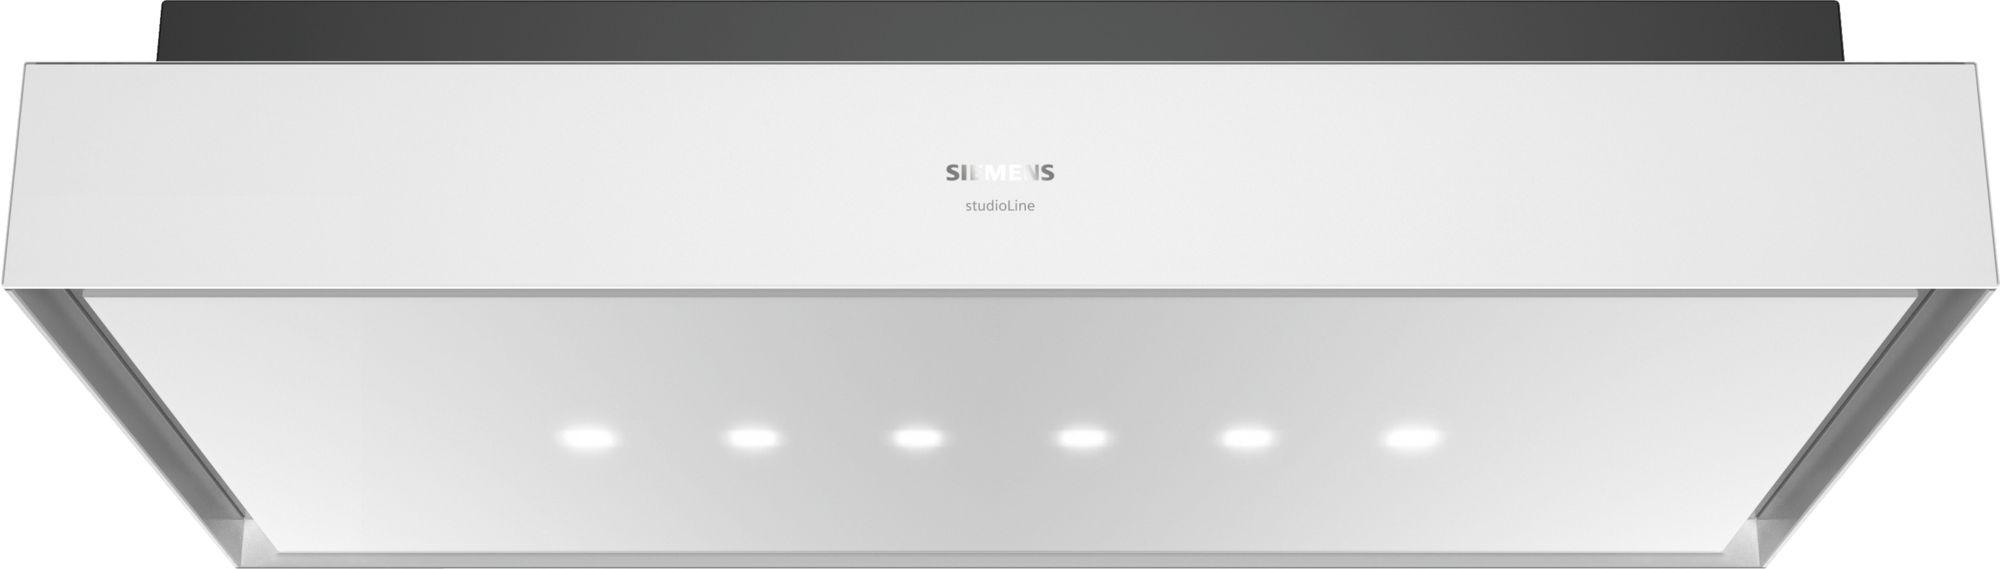 Siemens LR18RPU25 Deckenhaube Weiß